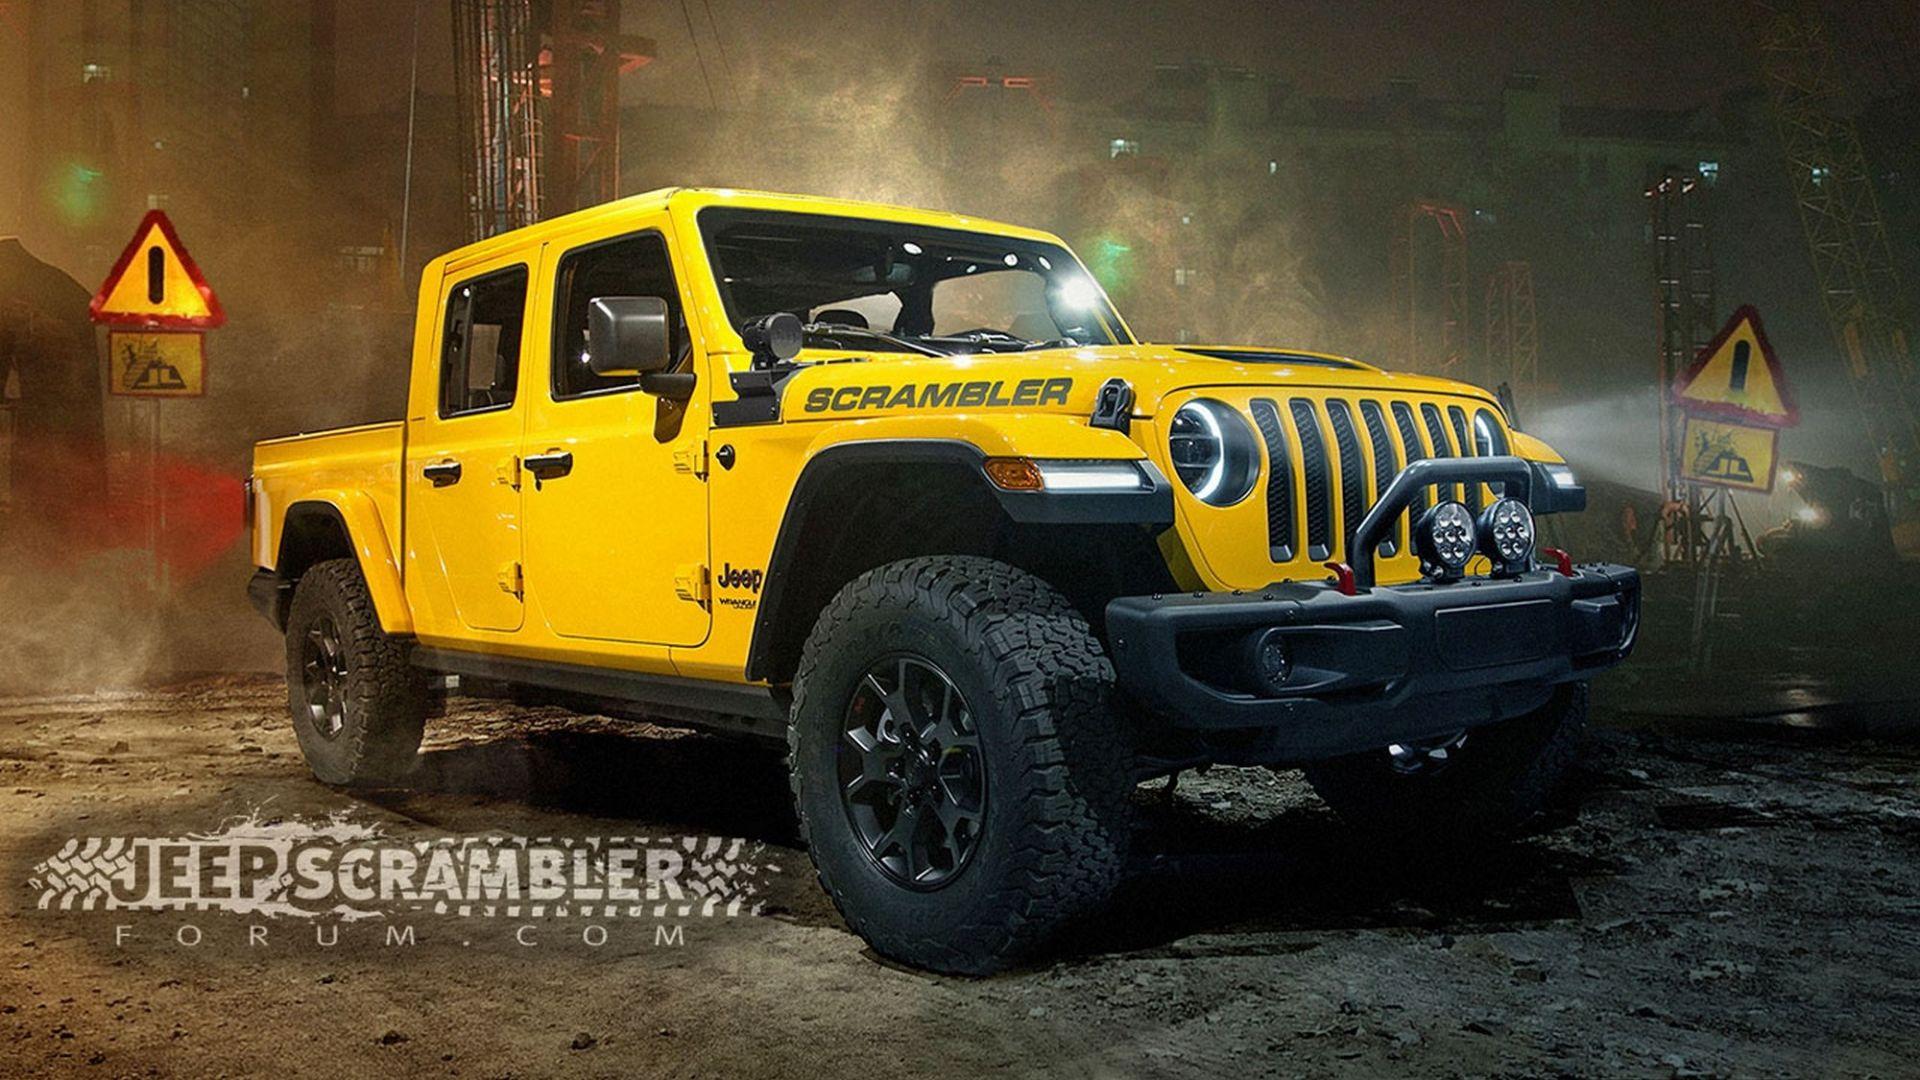 Jeep scrambler images